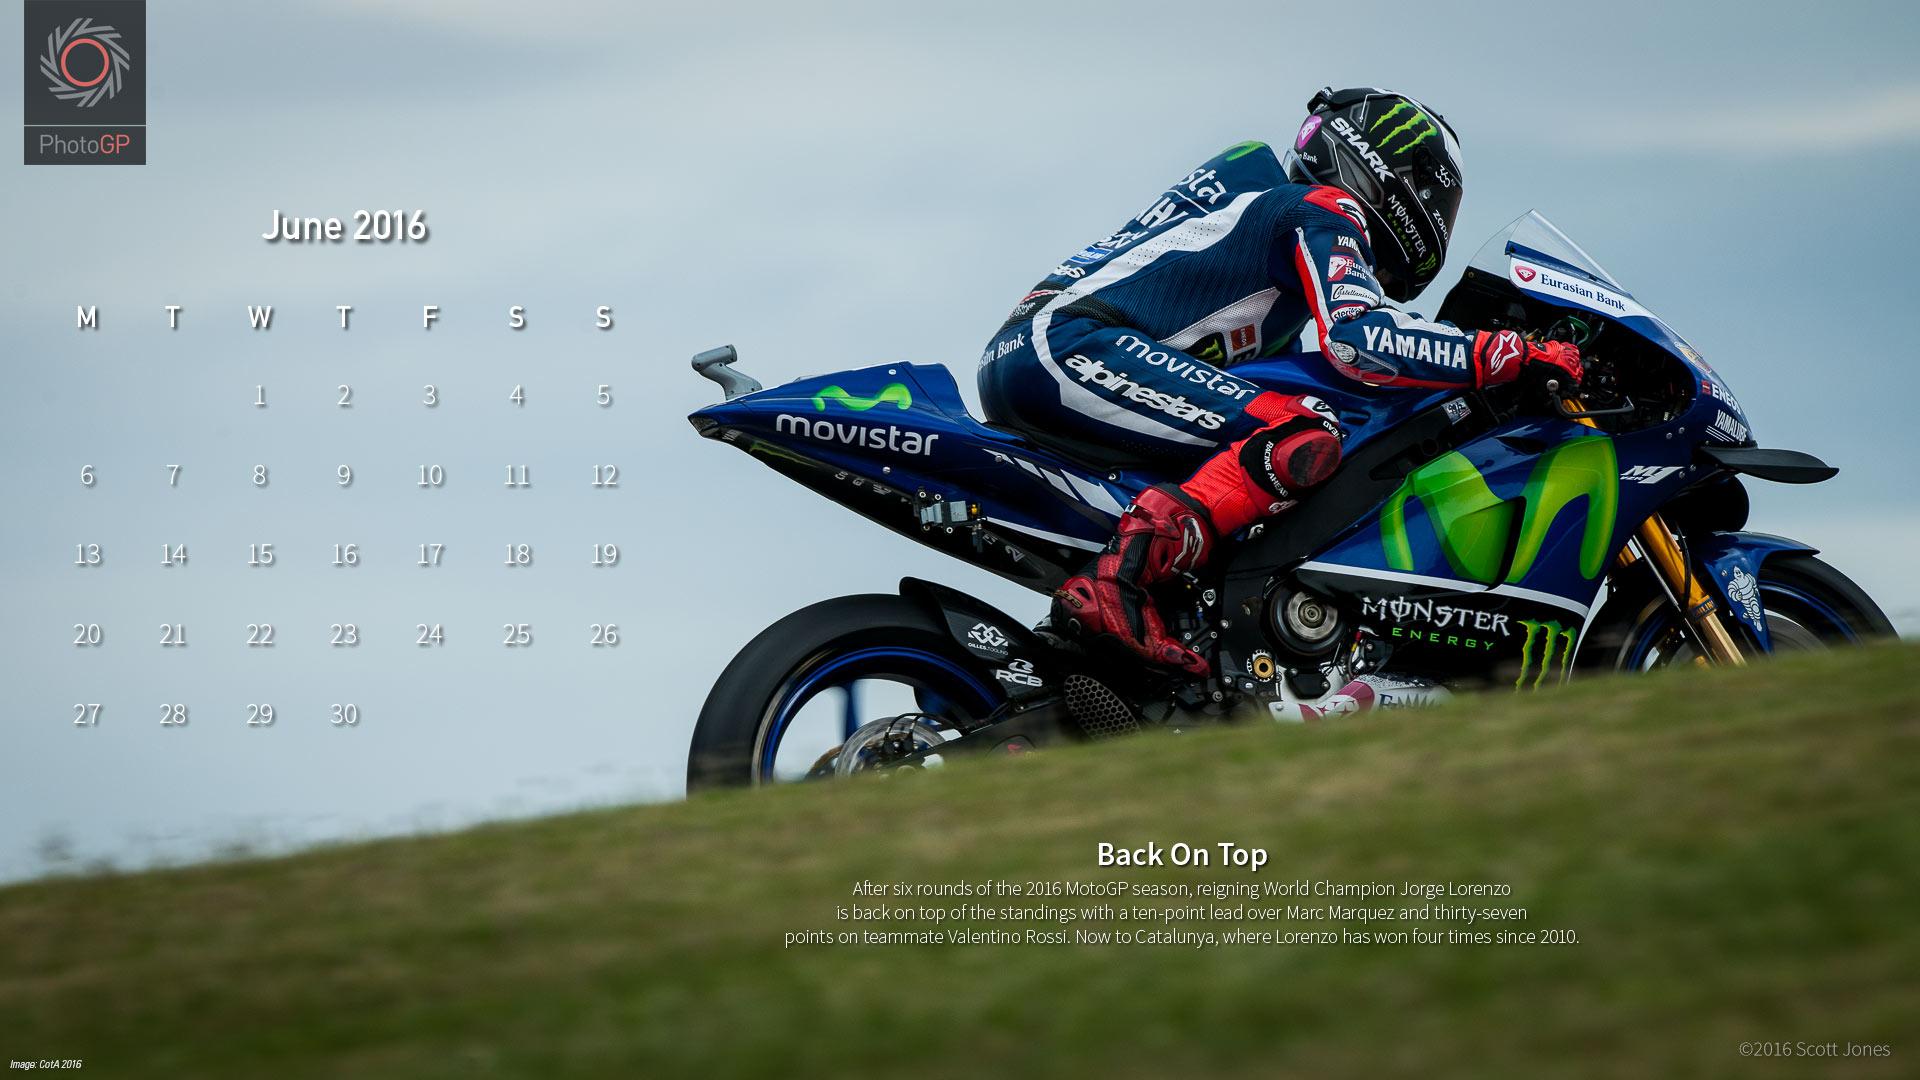 Календарь в стиле MotoGP на июнь 2016 от Скотта Джонса